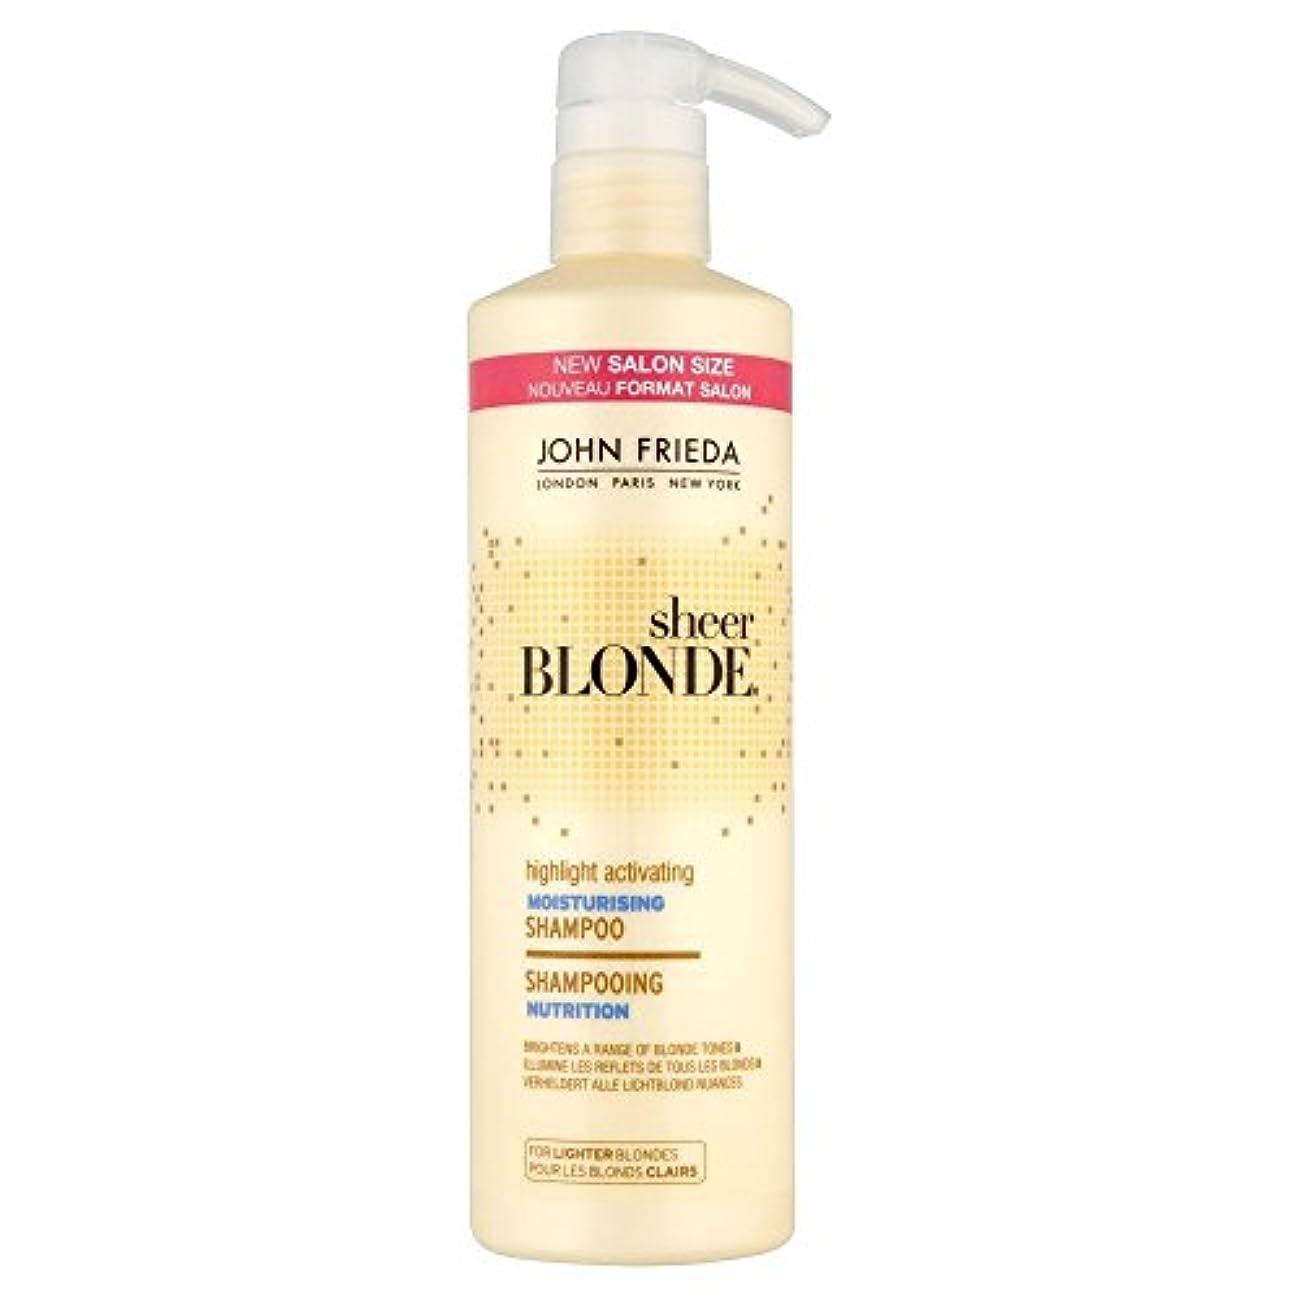 テレビ局一族虐待John Frieda Sheer Blonde Highlight Activating Moisturising Shampoo (500ml) ジョン?フリーダ全くのブロンドのハイライト活性化保湿シャンプー( 500ミリリットル) [並行輸入品]